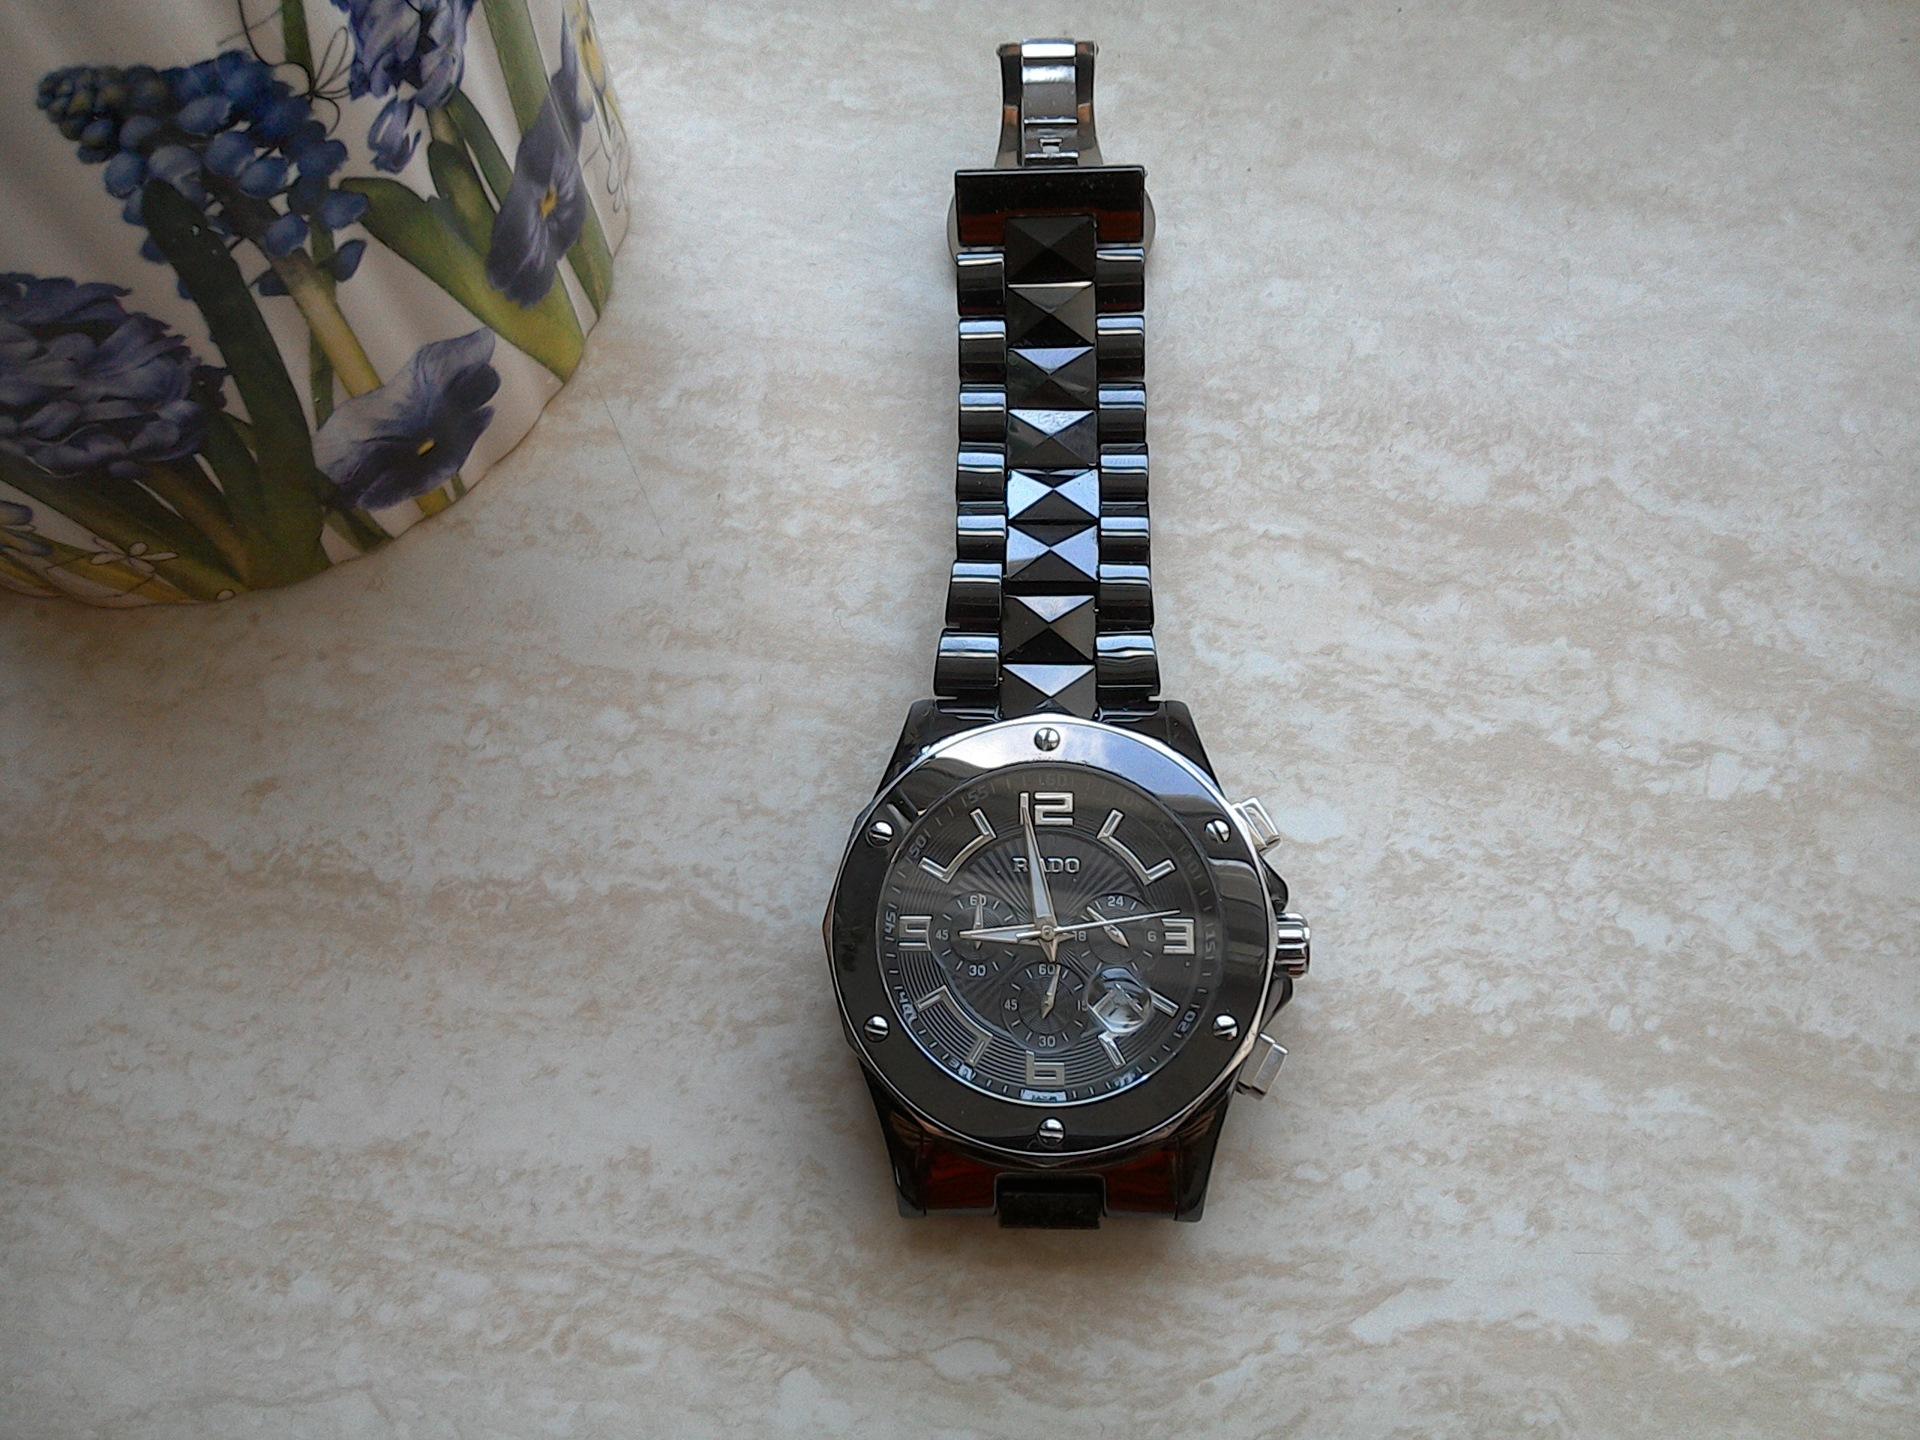 1ec370dd0f46 Года три назад купил на Дубровке часы керамические, до сих не нарадуюсь.  Теперь дед просит ему такие купить — не могу нигде в интернете найти.